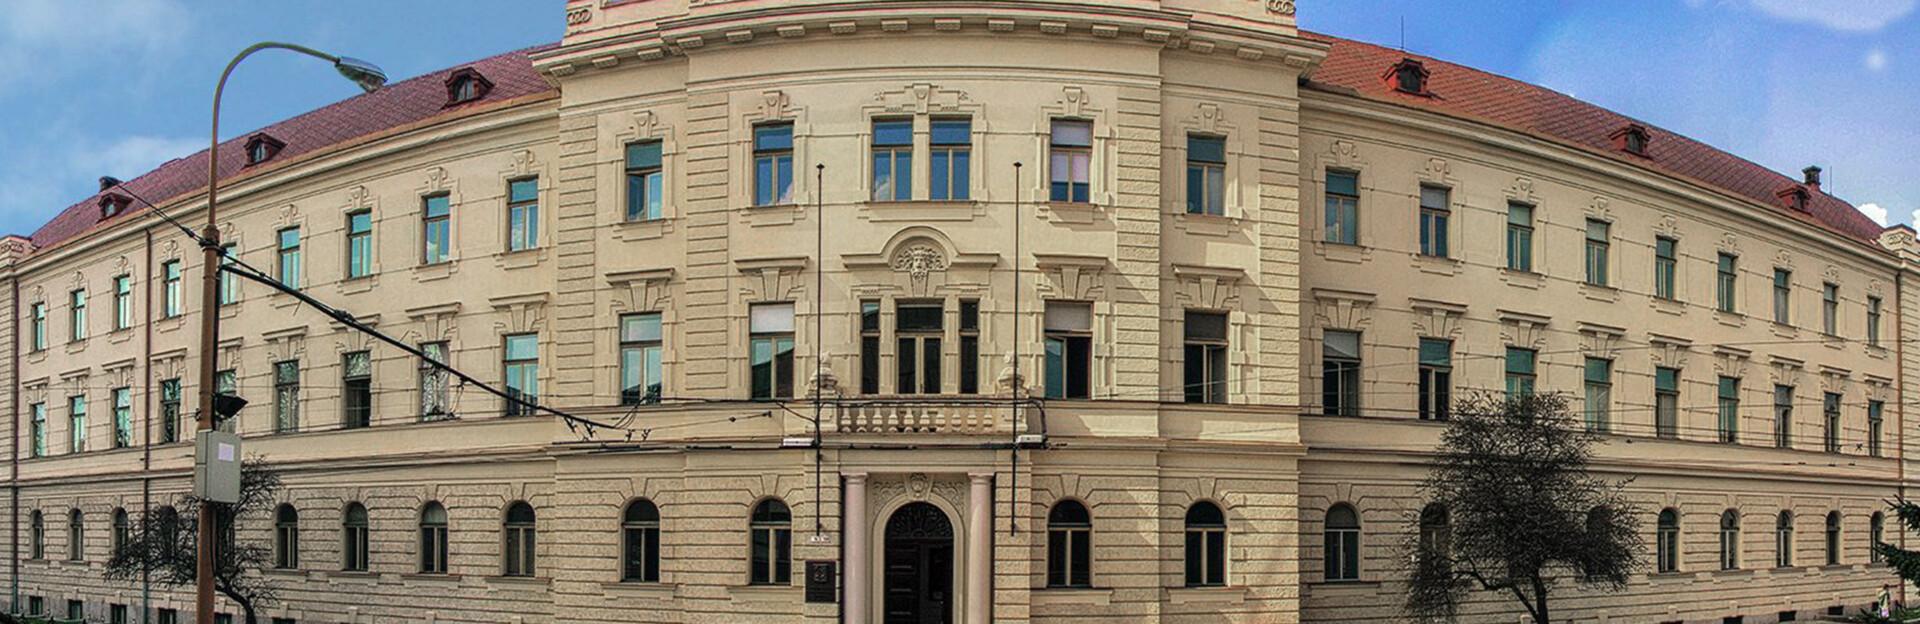 Vysoká škola polytechnická Jihlava (VŠPJ)